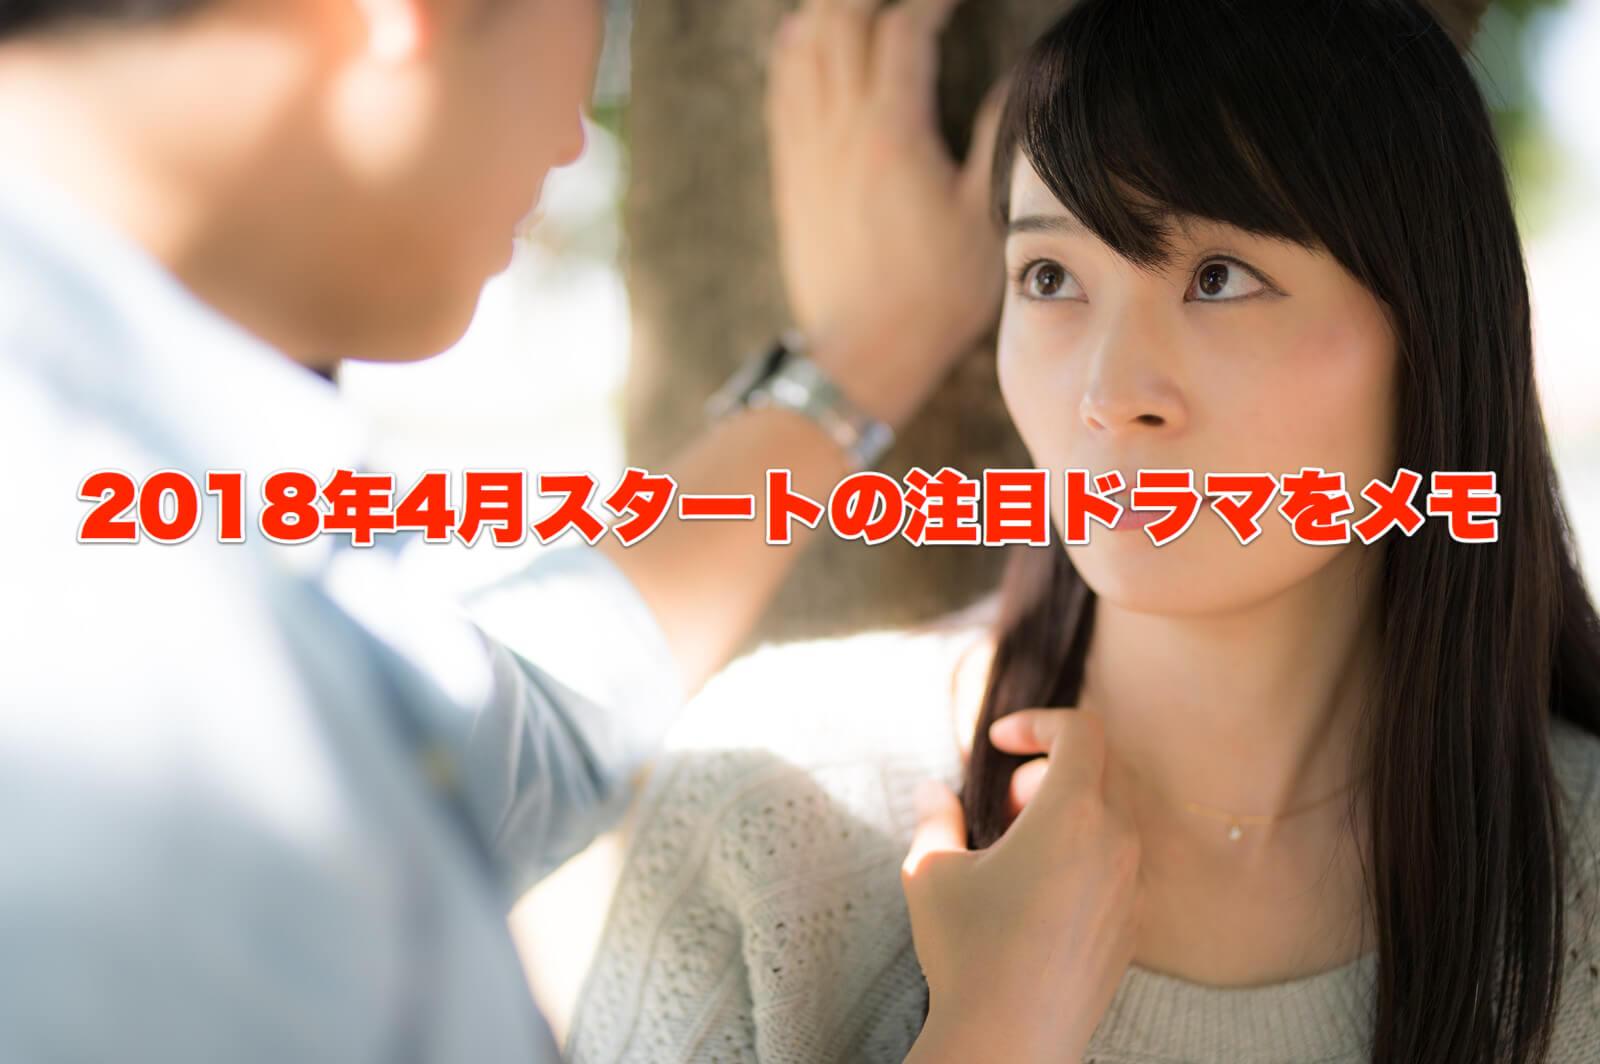 Yamasha17822014Yama077 TP V